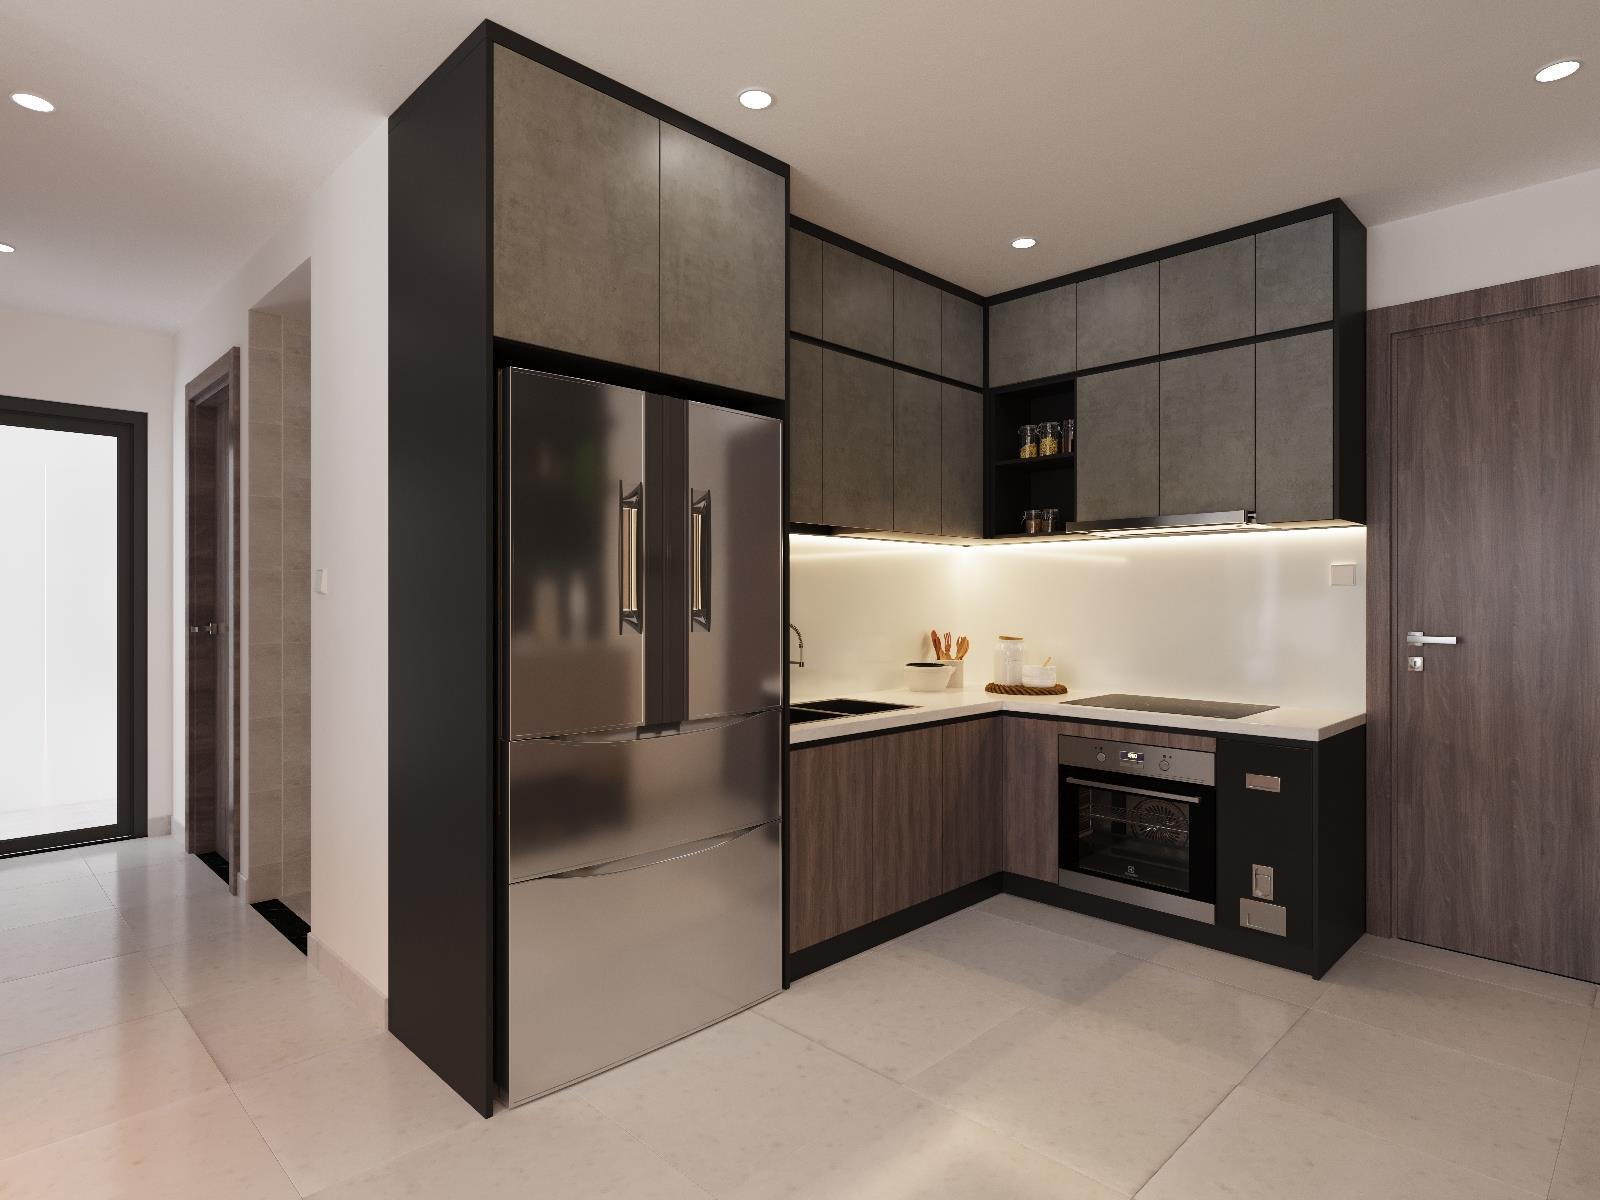 Thiết kế tủ bếp đẹp màu sắc độc đáo